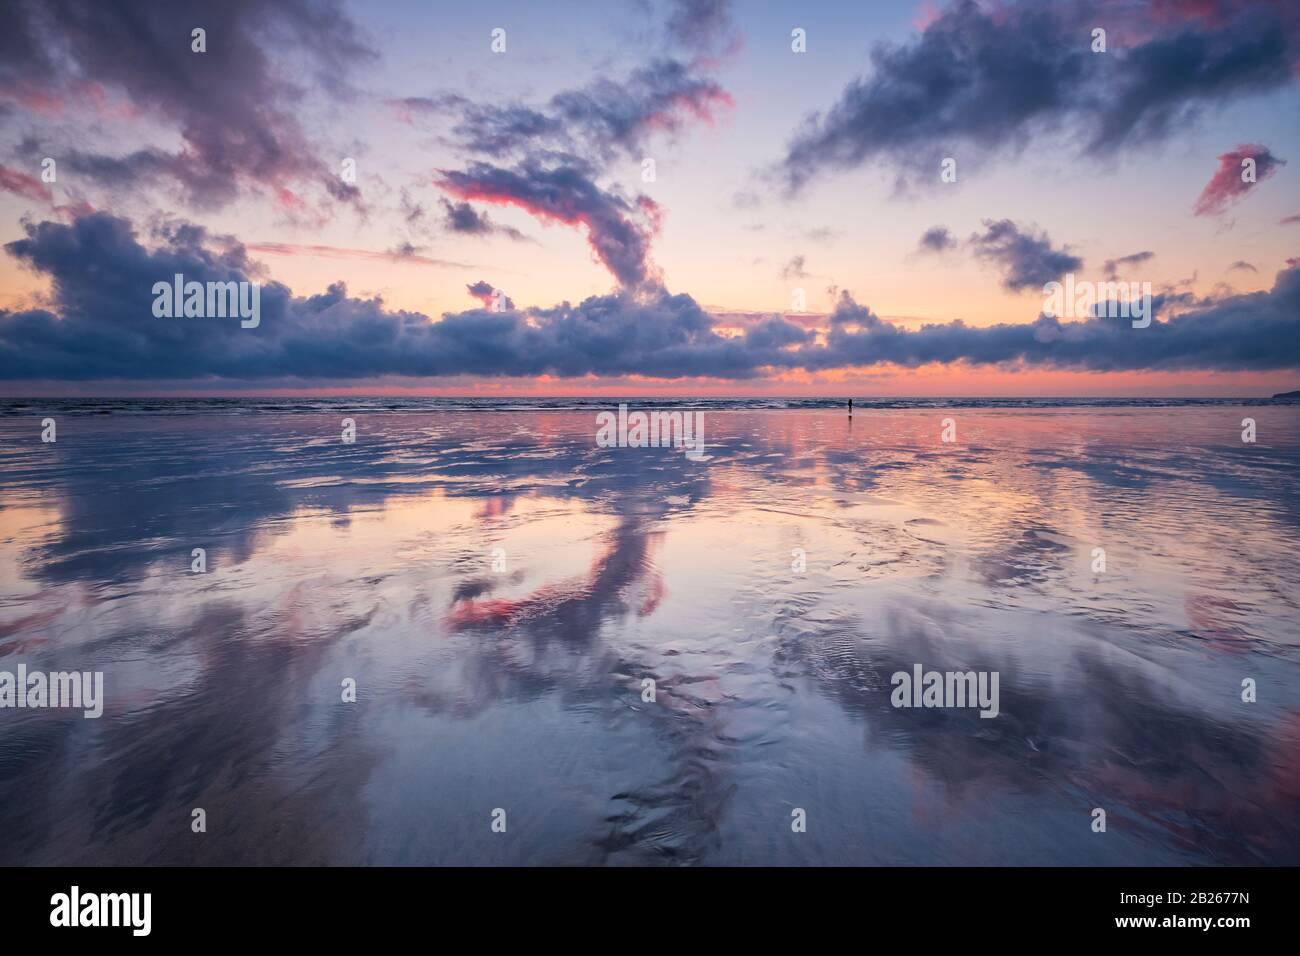 Espectaculares cielos al atardecer sobre la costa de North Devon, brillo romántico, impresionante, costa, mar, costa, reflejos, estilo de vida, horizonte, suroeste, Reino Unido Foto de stock